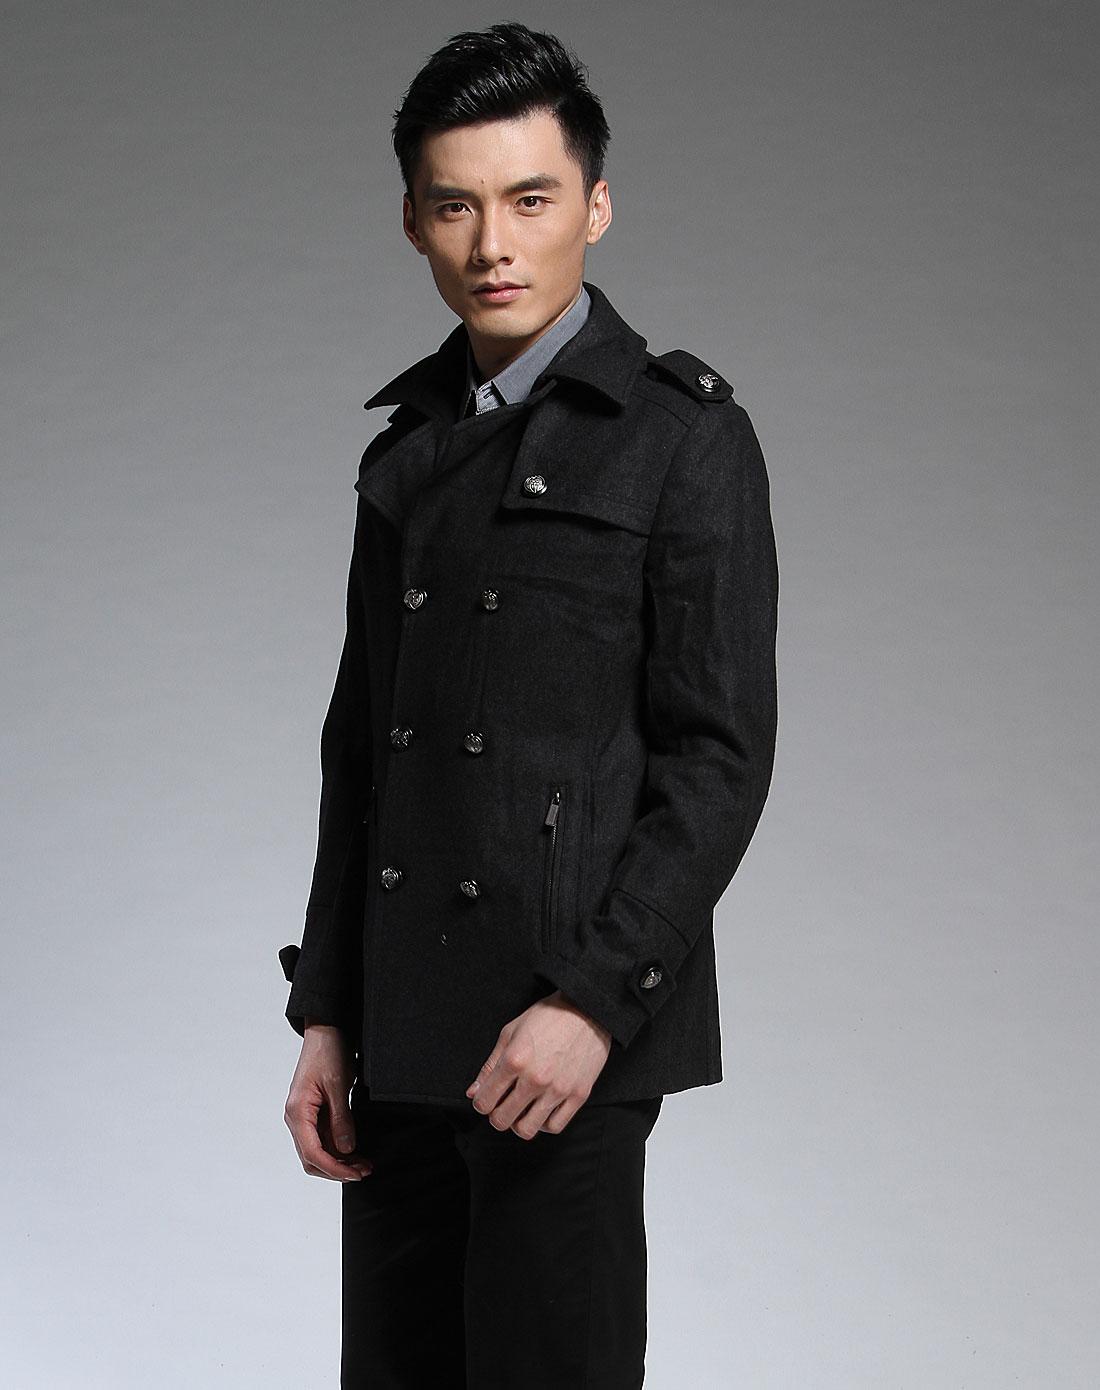 款黑灰色帅气长袖大衣